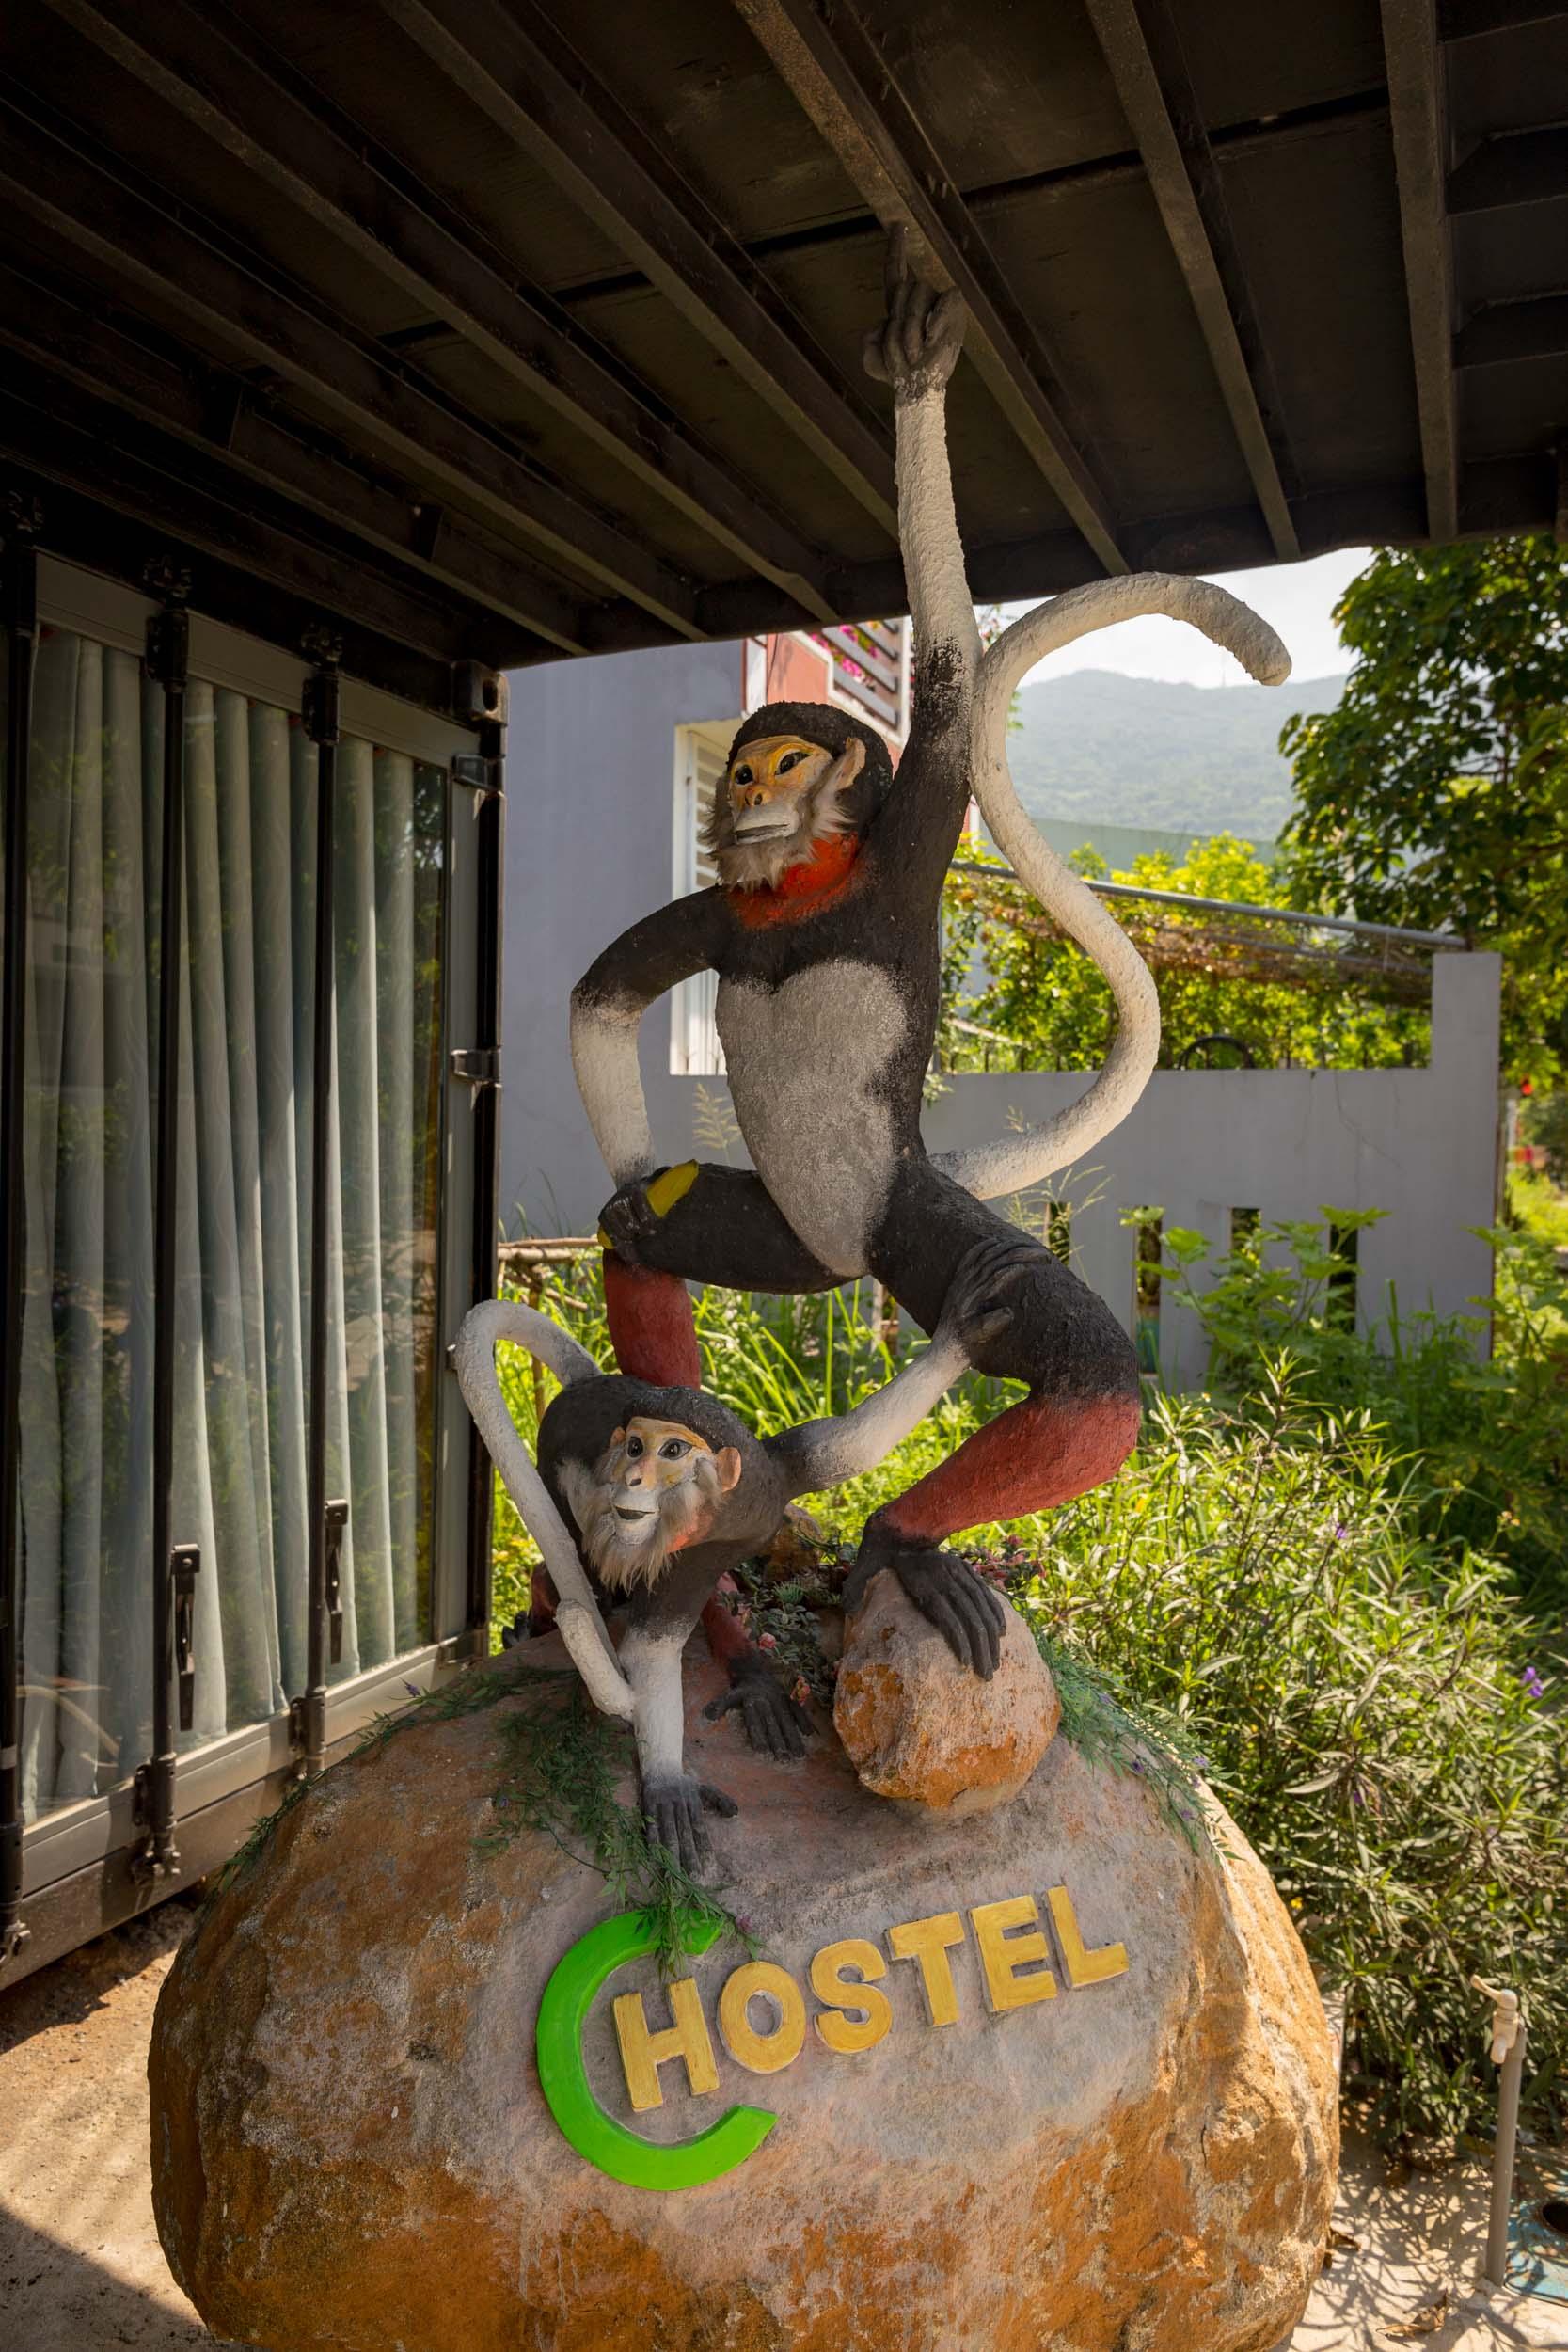 C-Hostel - Da Nang, Vietnam.